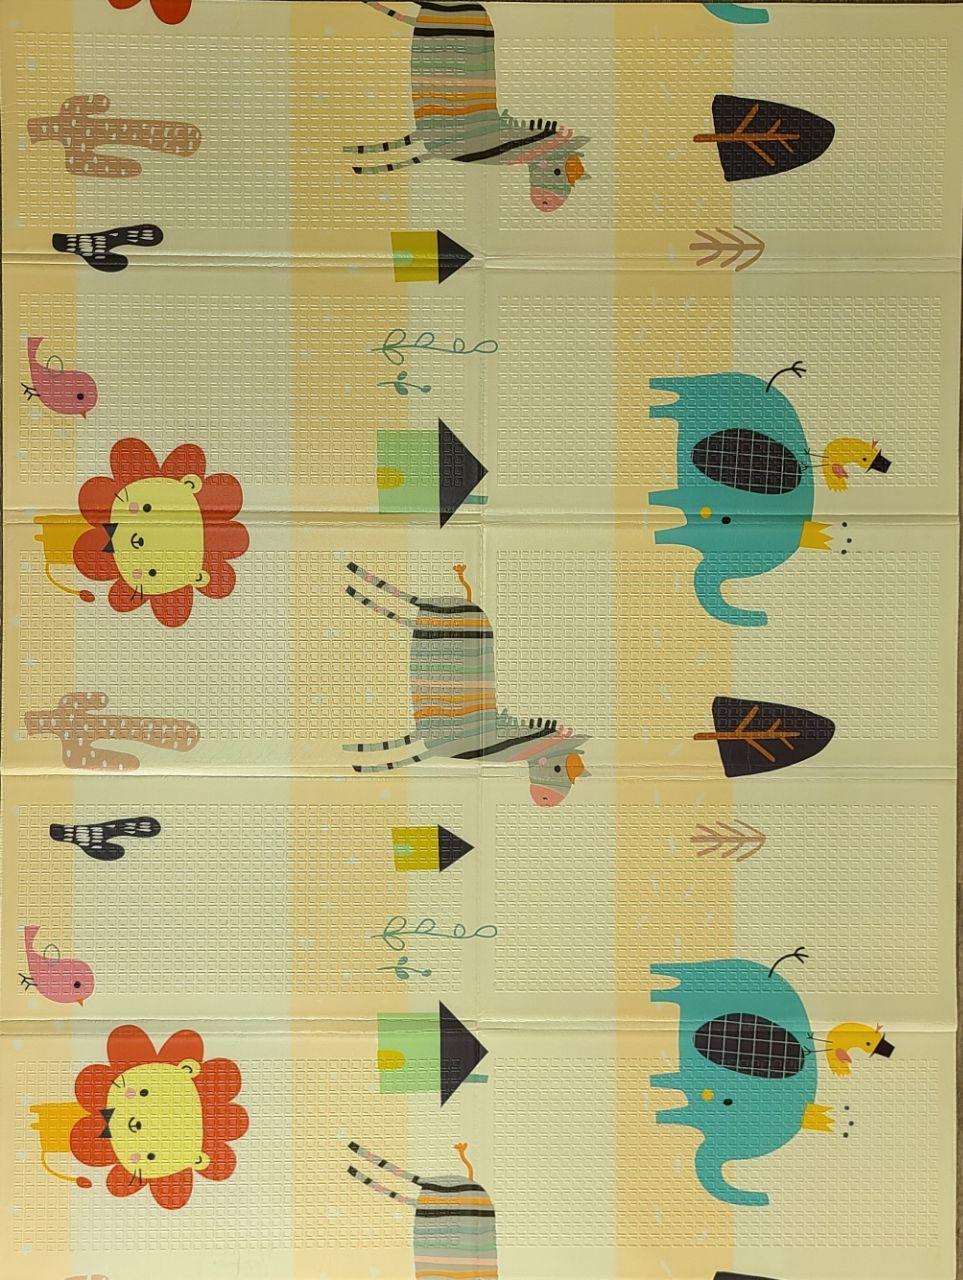 Развивающий двухстронний складной детский игровой термо коврик для ползания  1500*2000